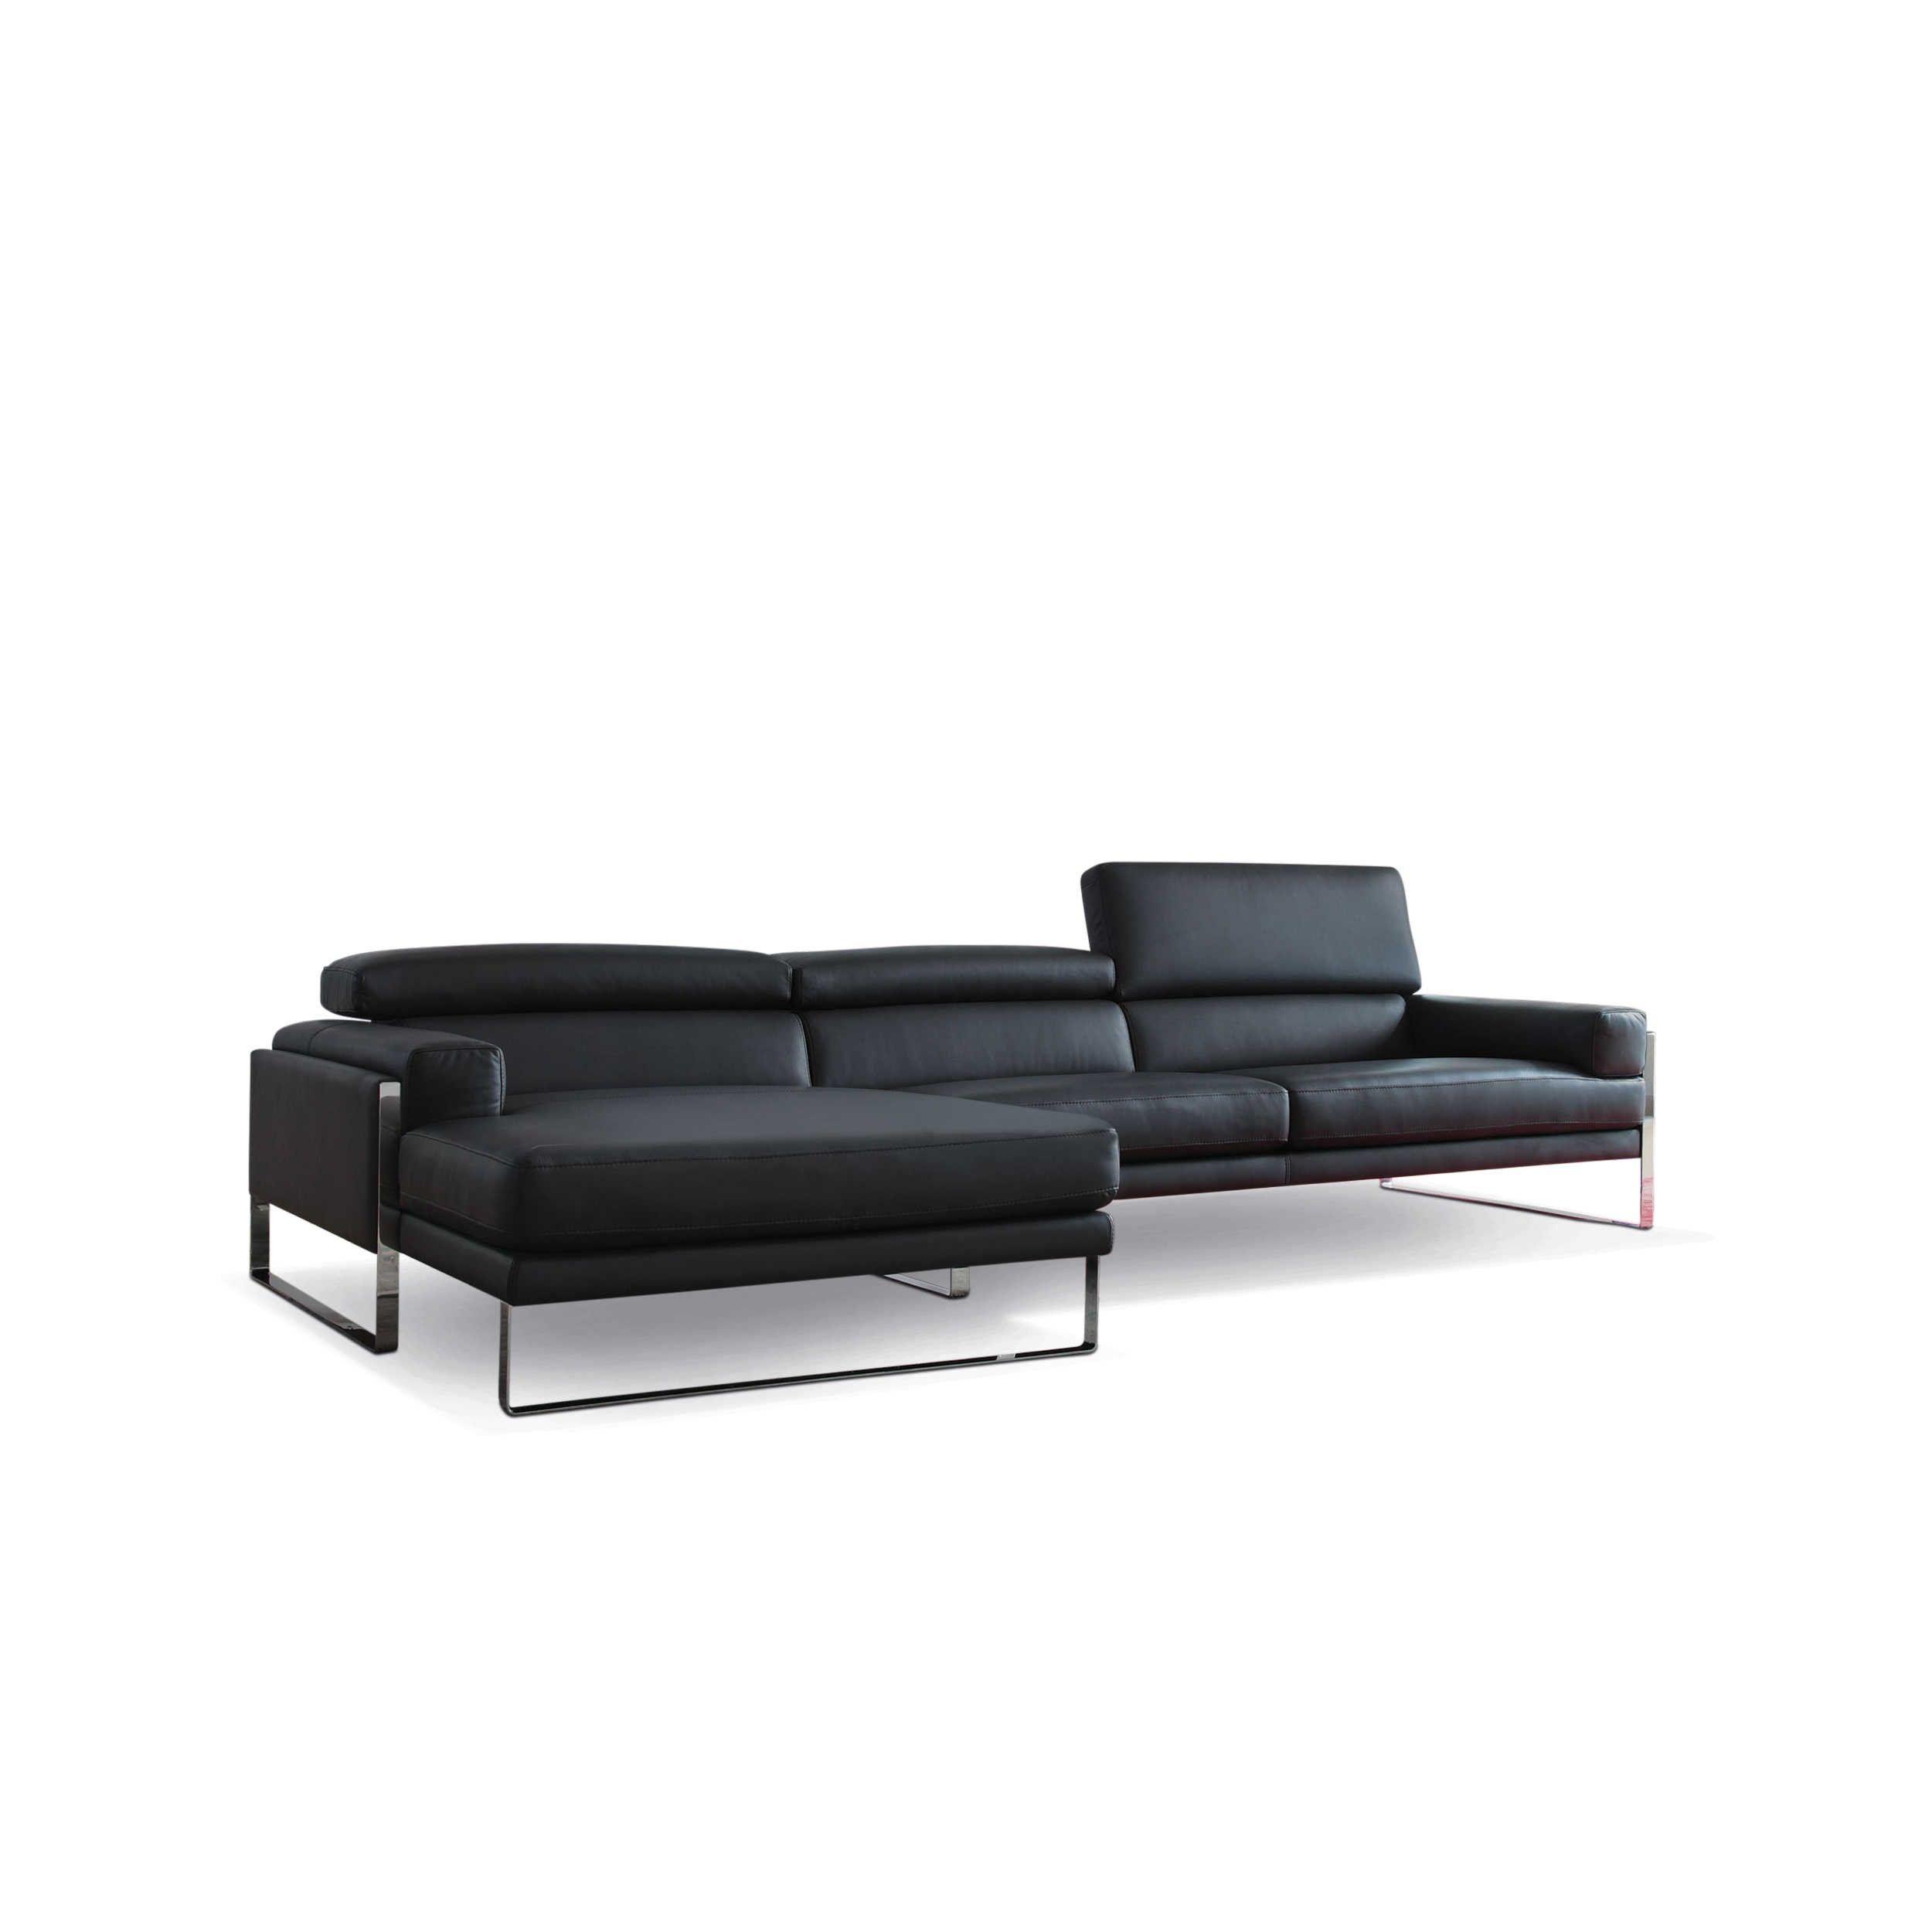 Top Ergebnis 50 Schön sofa 3 Sitzer Schlaffunktion Bilder 2017 Kqk9